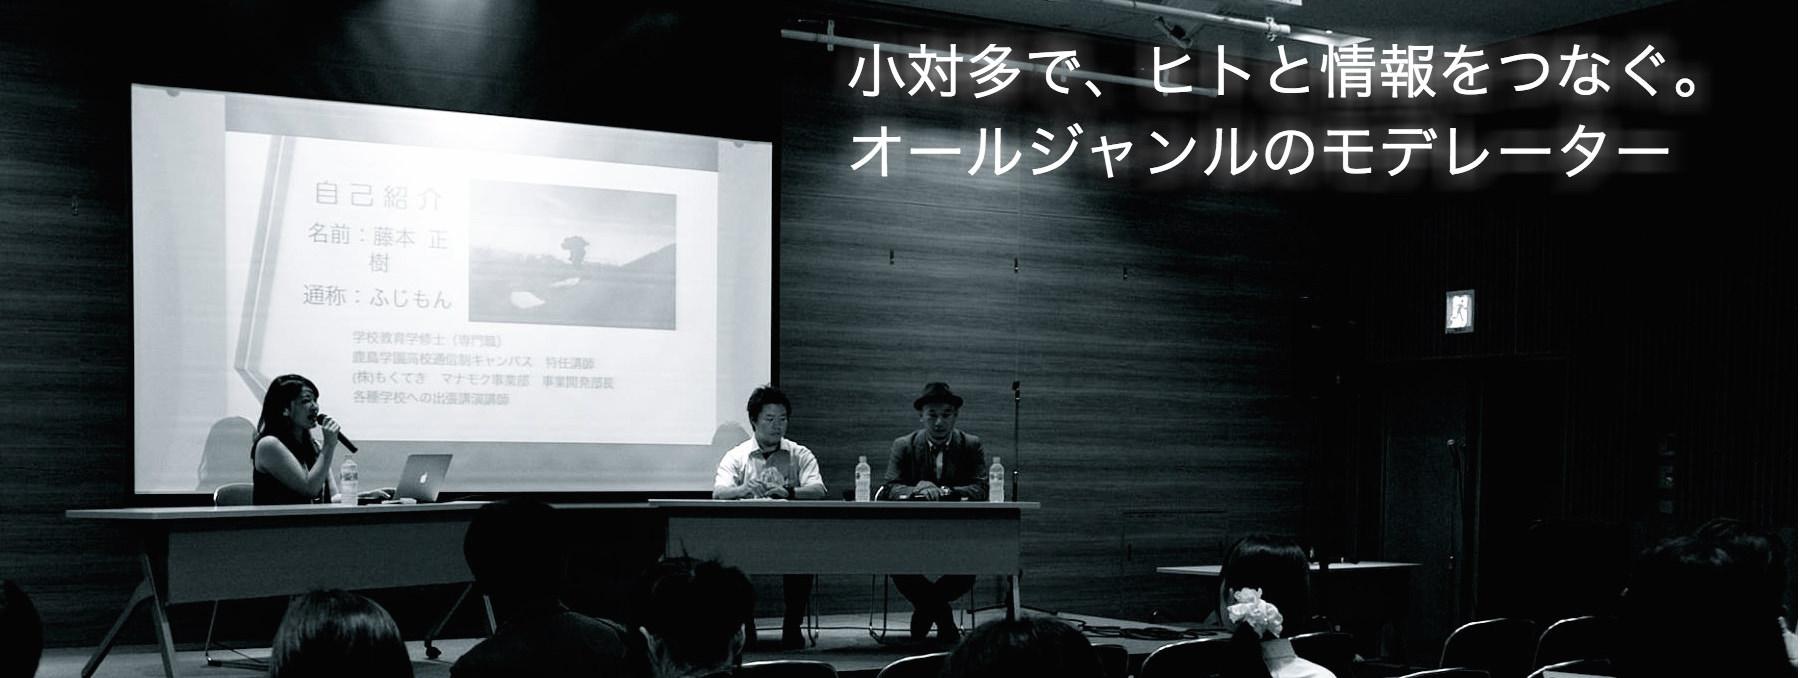 モデレーター横山史トップイメージimg2